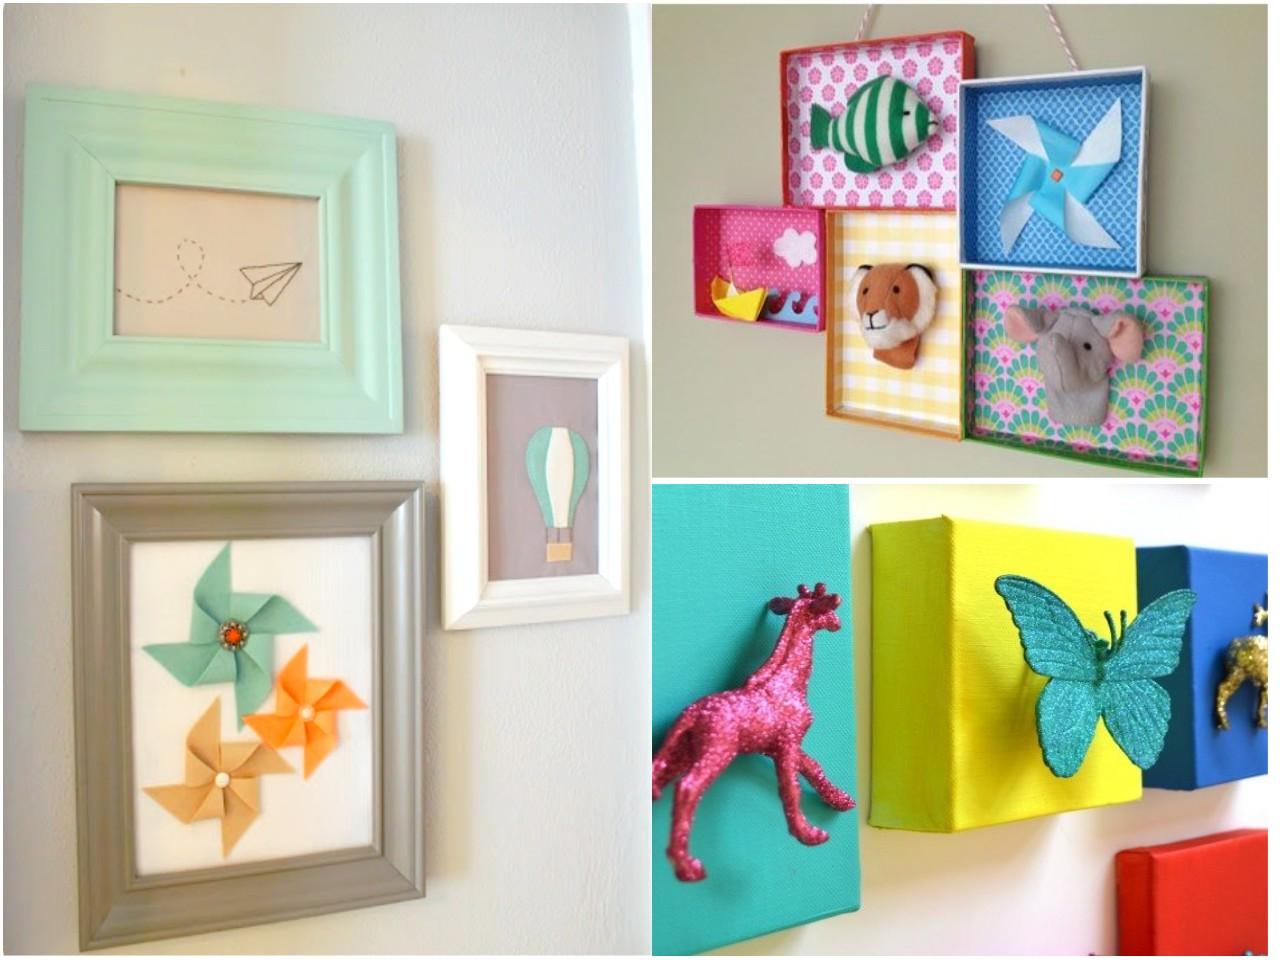 12 ideas econ micas para decorar habitaciones infantiles for Formas para decorar un cuarto